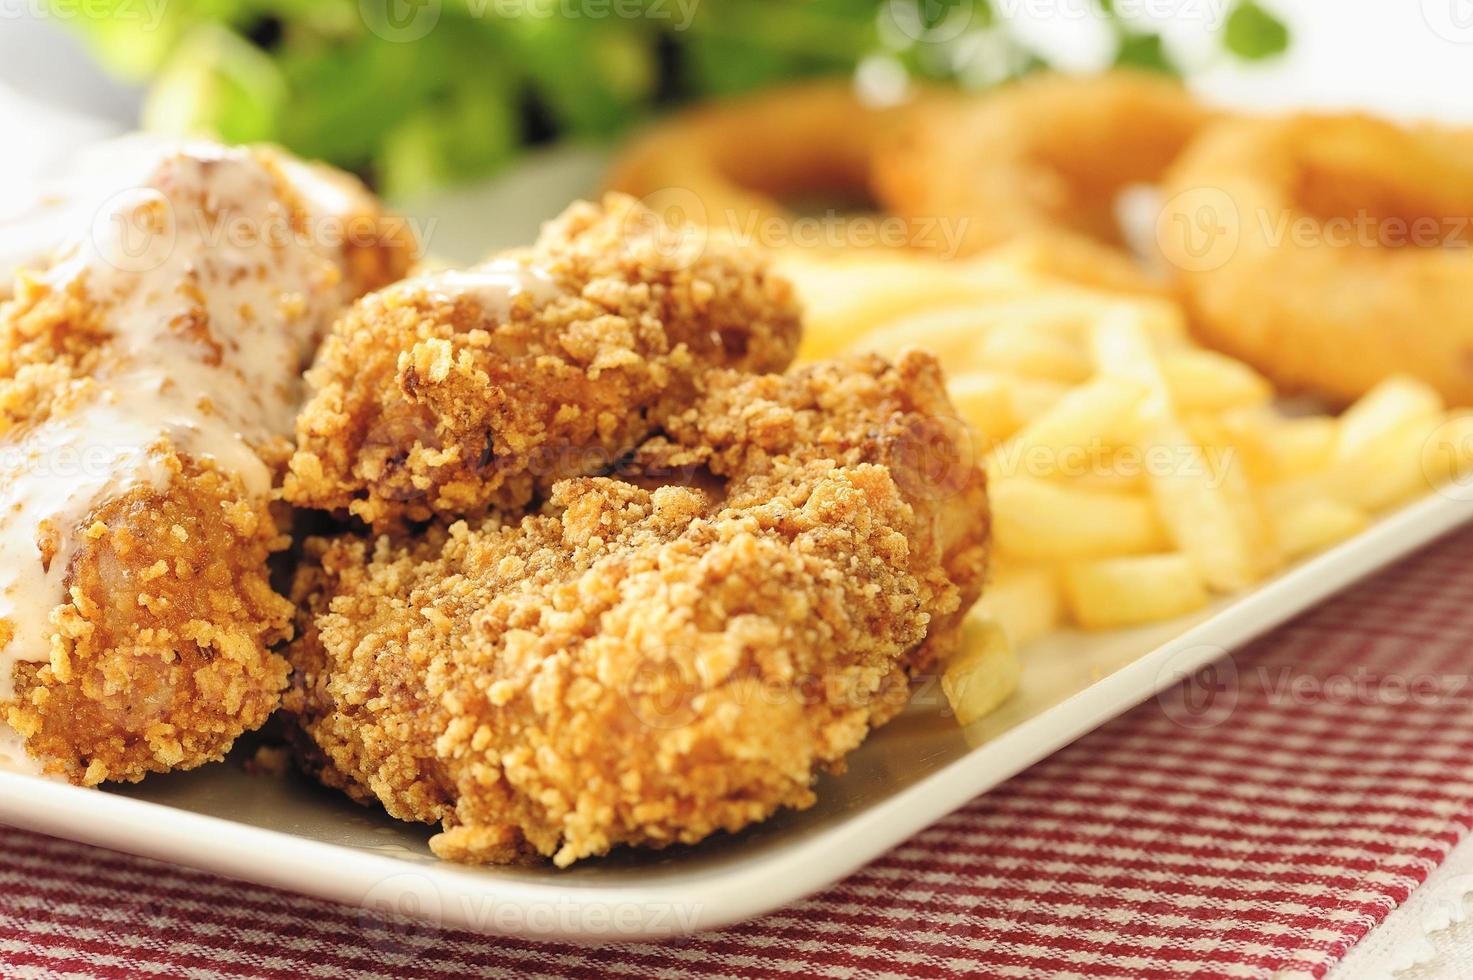 asas de frango com batatas fritas e rodelas de cebola foto